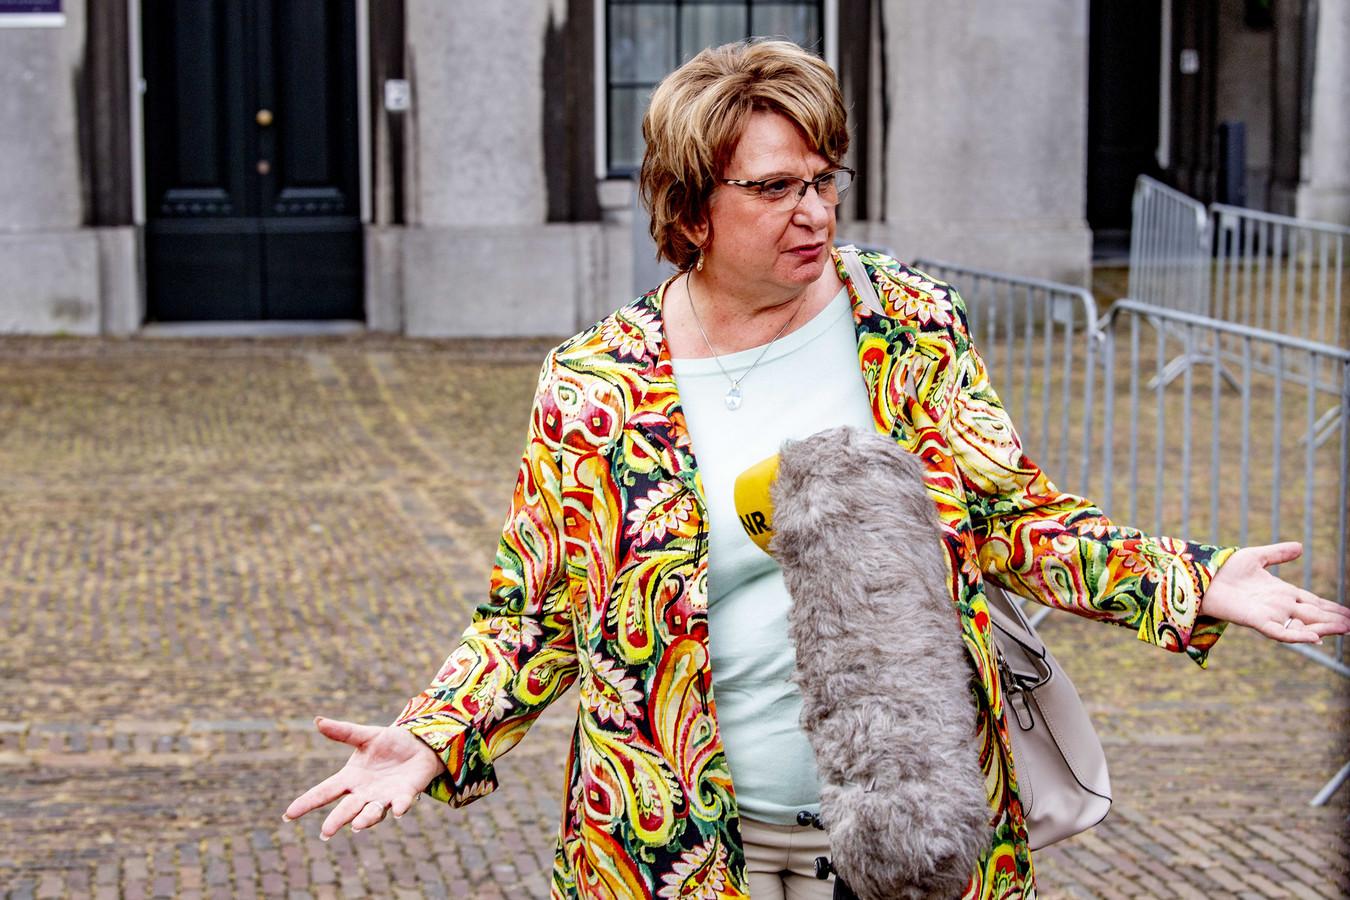 Informateur Mariëtte Hamer staat de pers te woord na afloop van haar gesprek met de zes hoofdrolspelers in de kabinetsformatie.